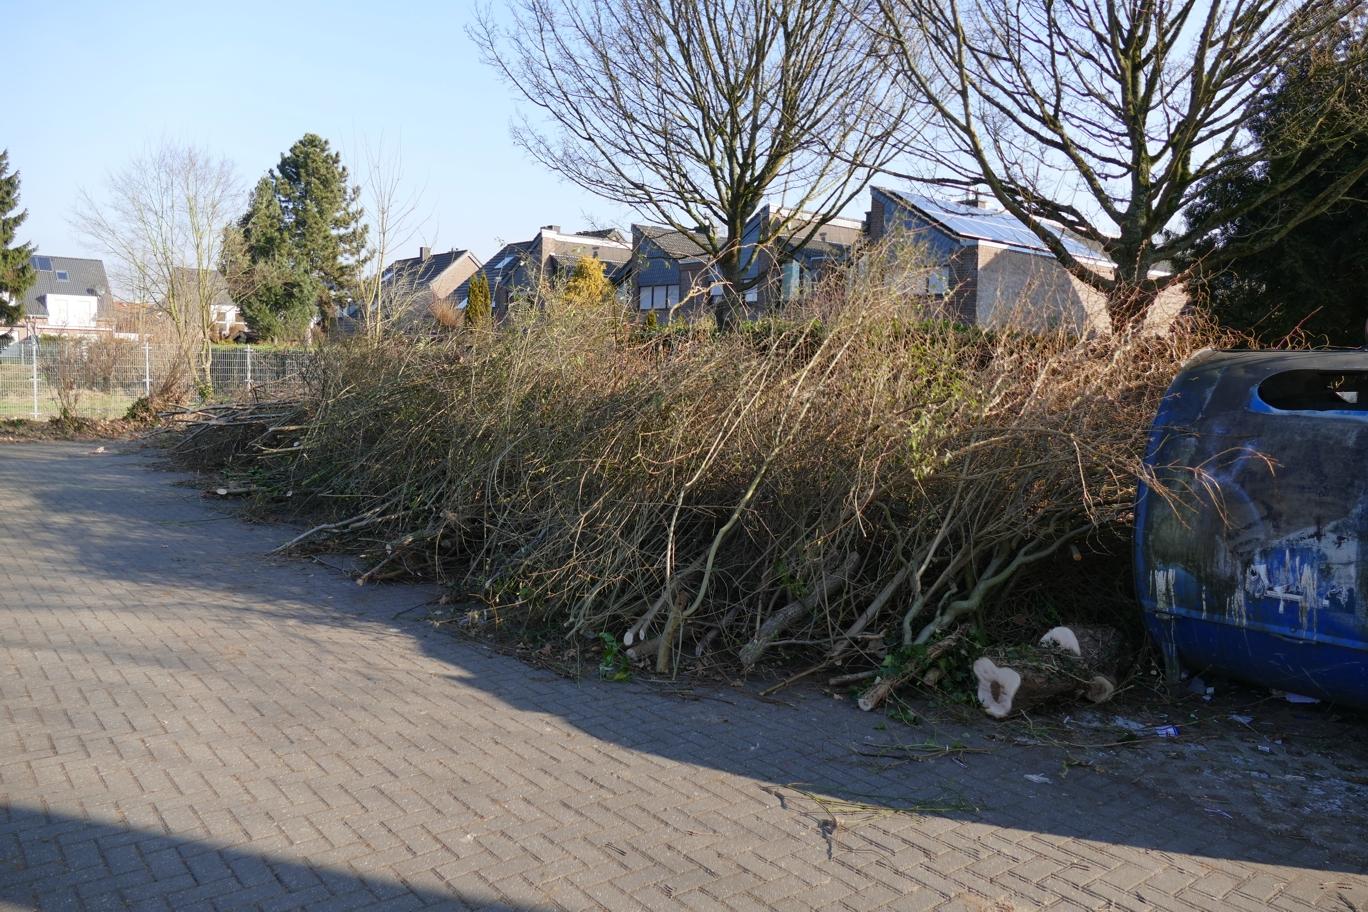 Grünpflege radikal – Bürgerbeschwerden häufen sich